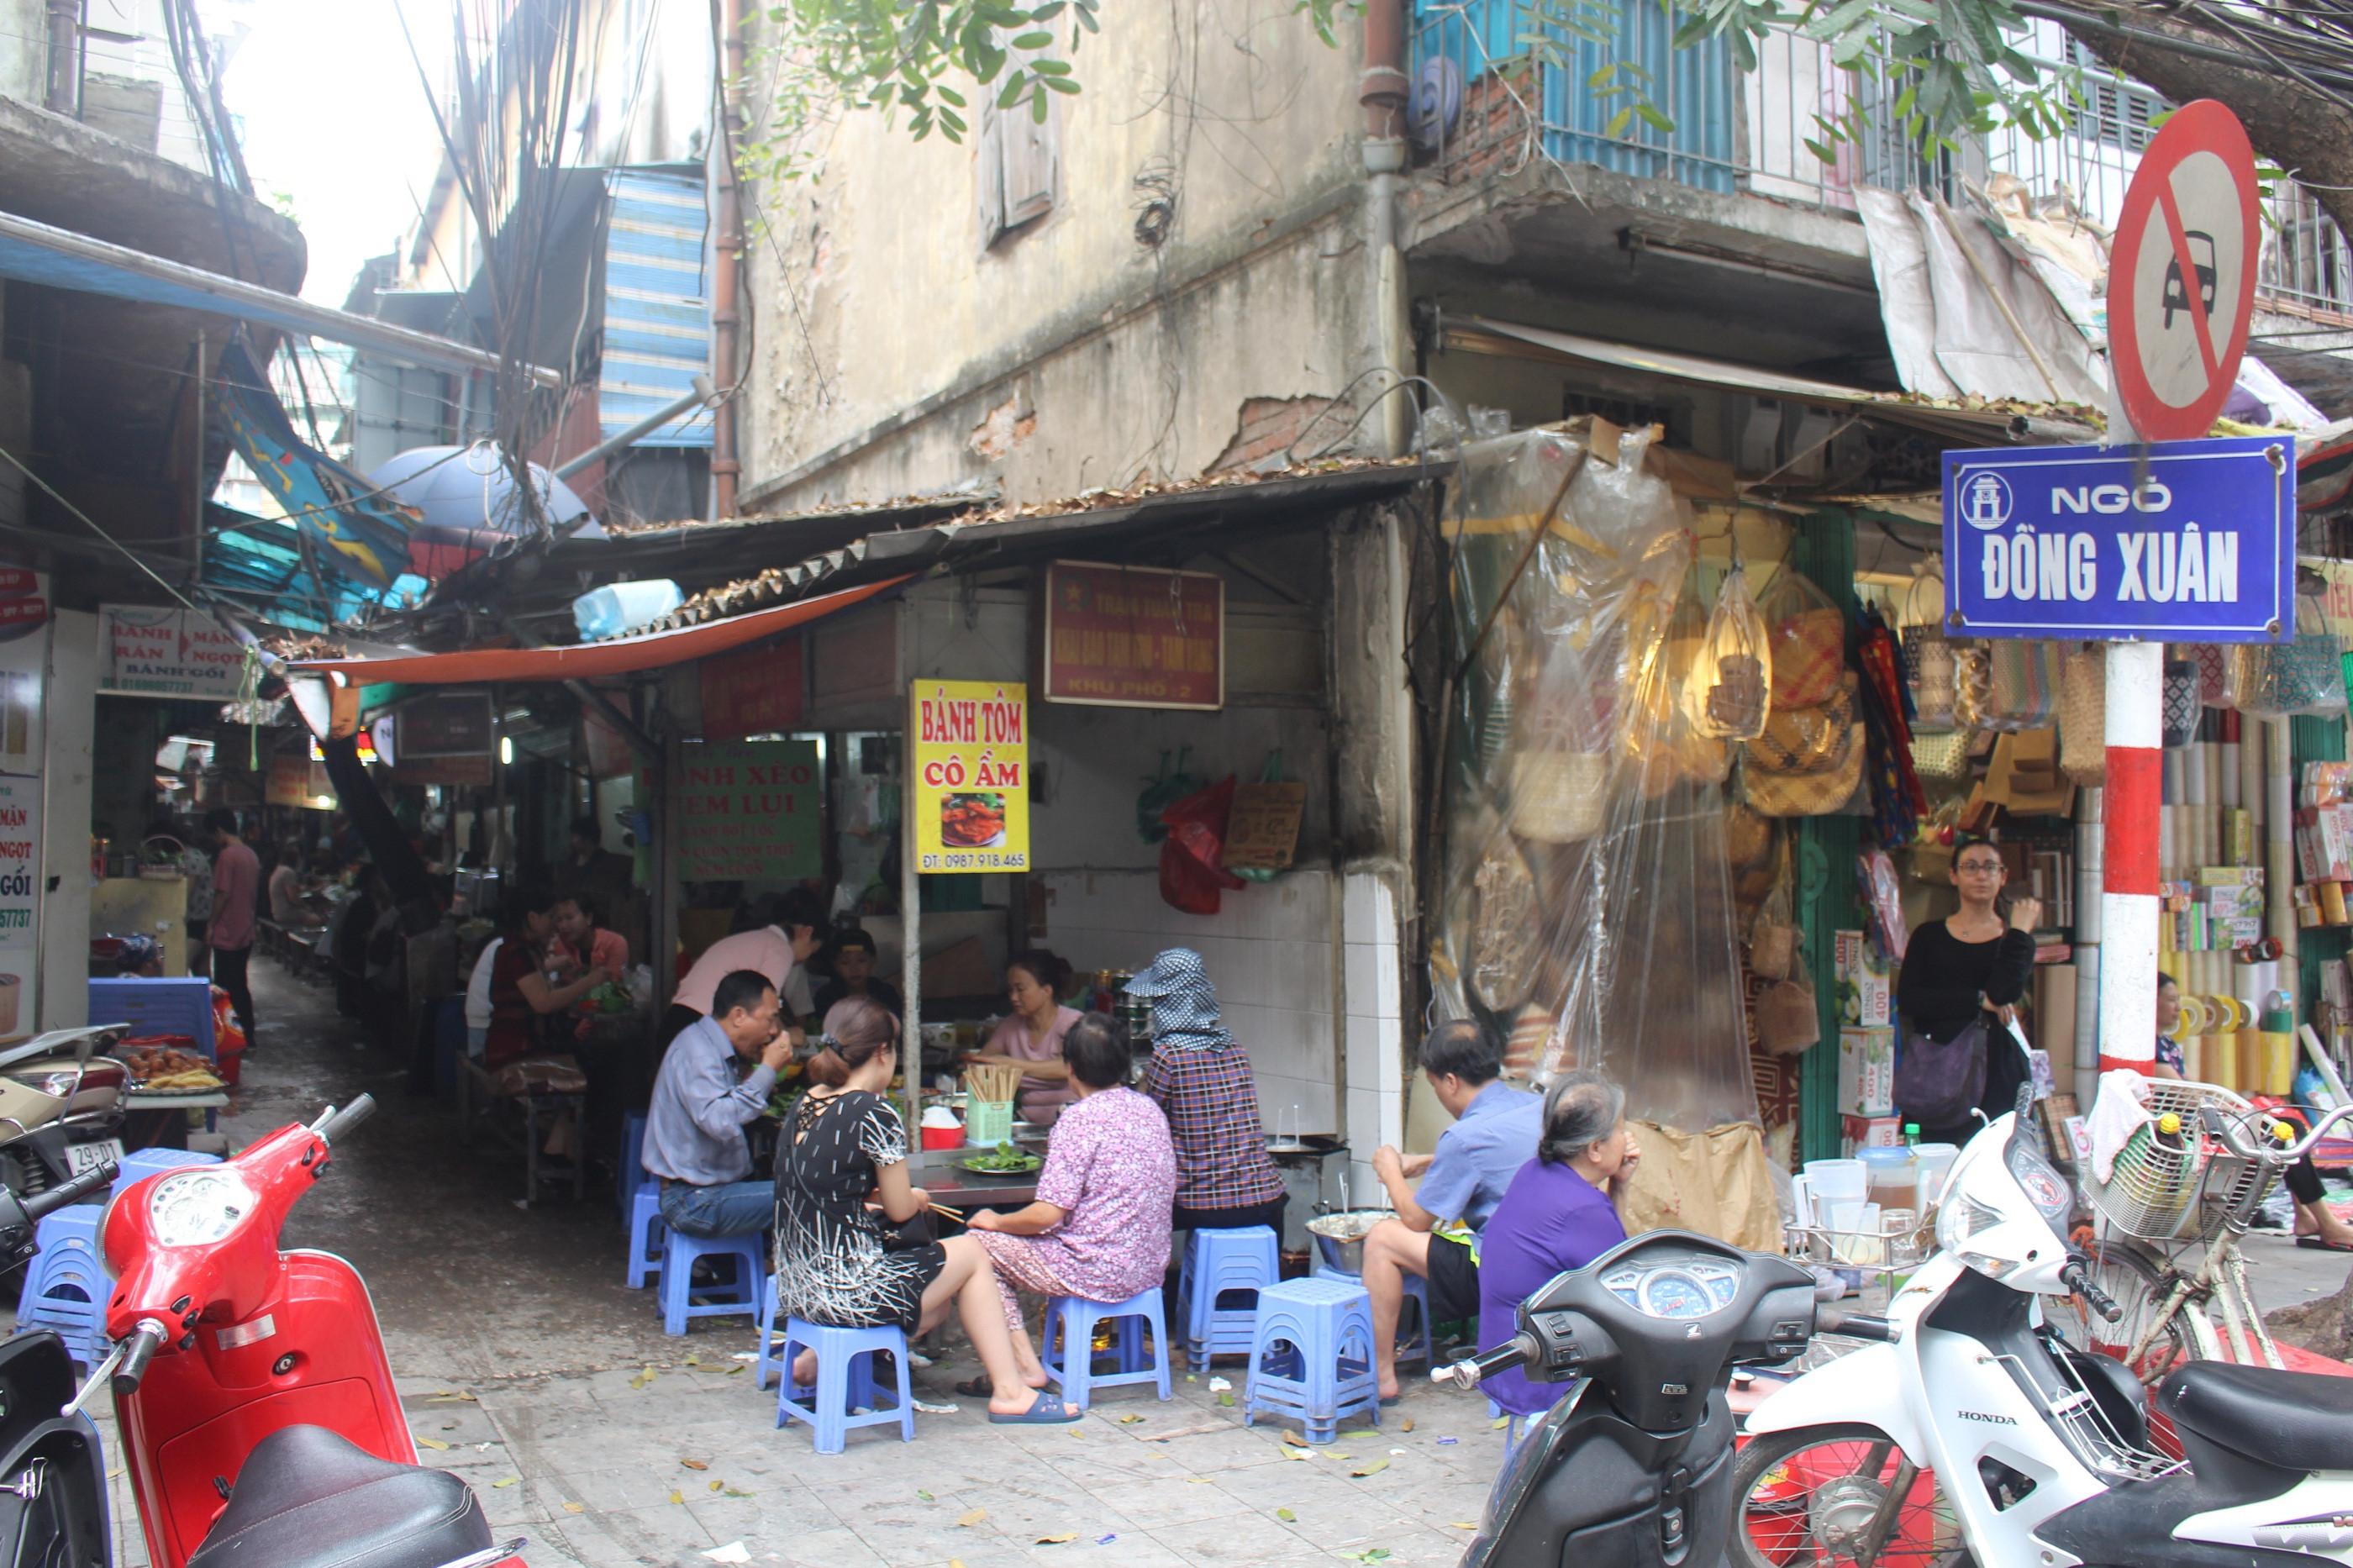 Lạc bước trong ngõ 'độc' tựa thiên đường đồ ăn Việt khiến Tây ta mê đắm